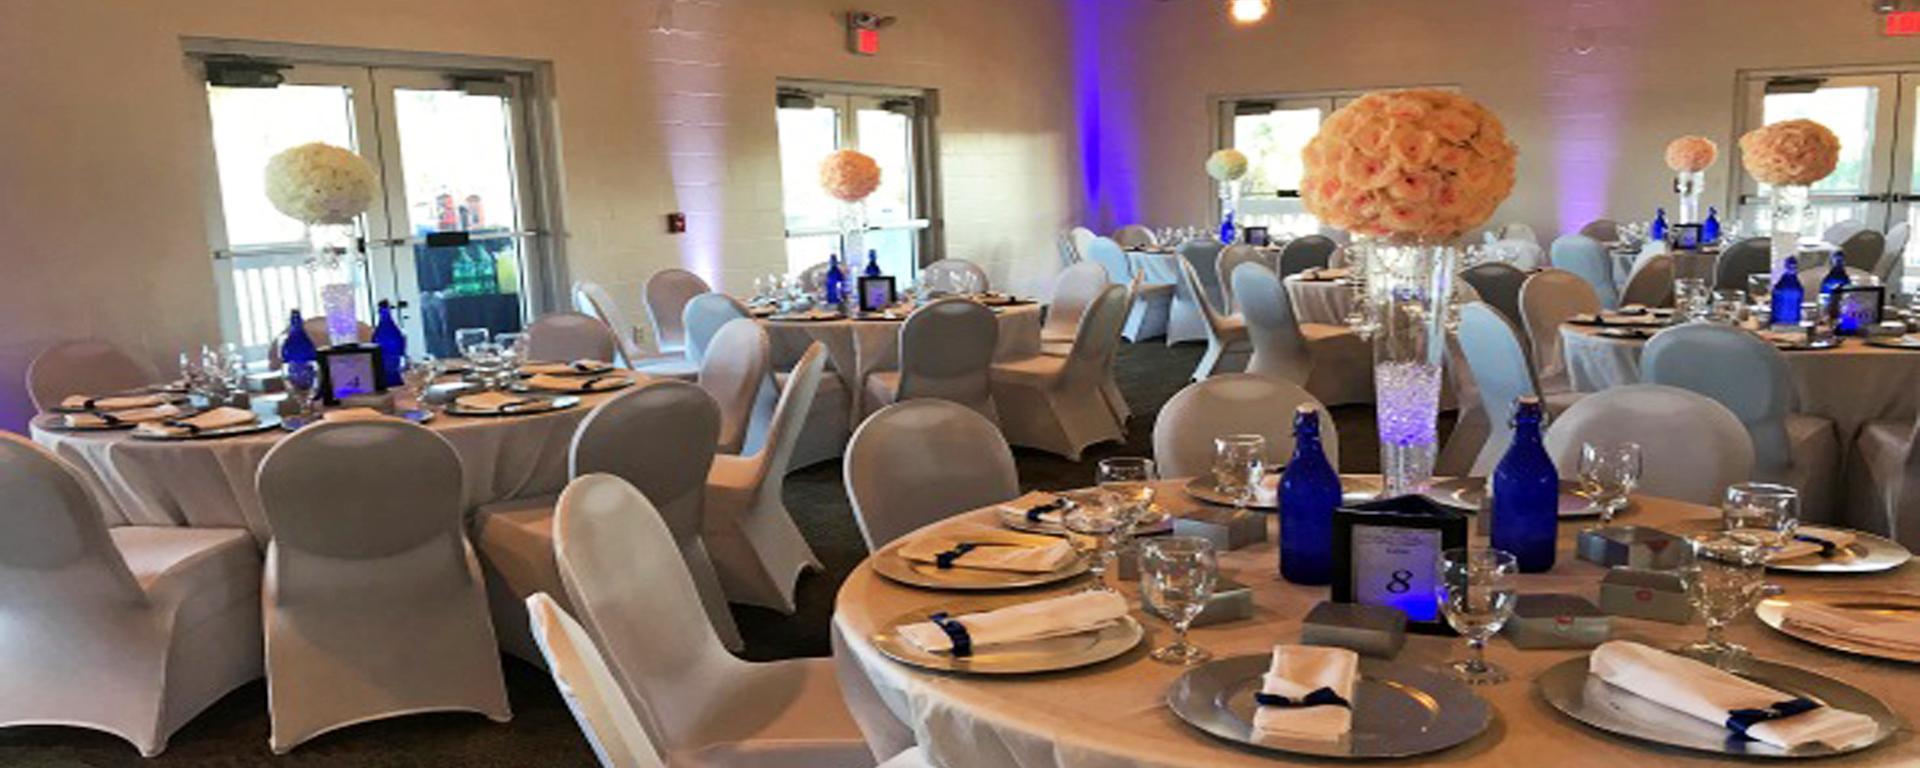 Frances Langford Dockside Pavilion indoor wedding reception set up.